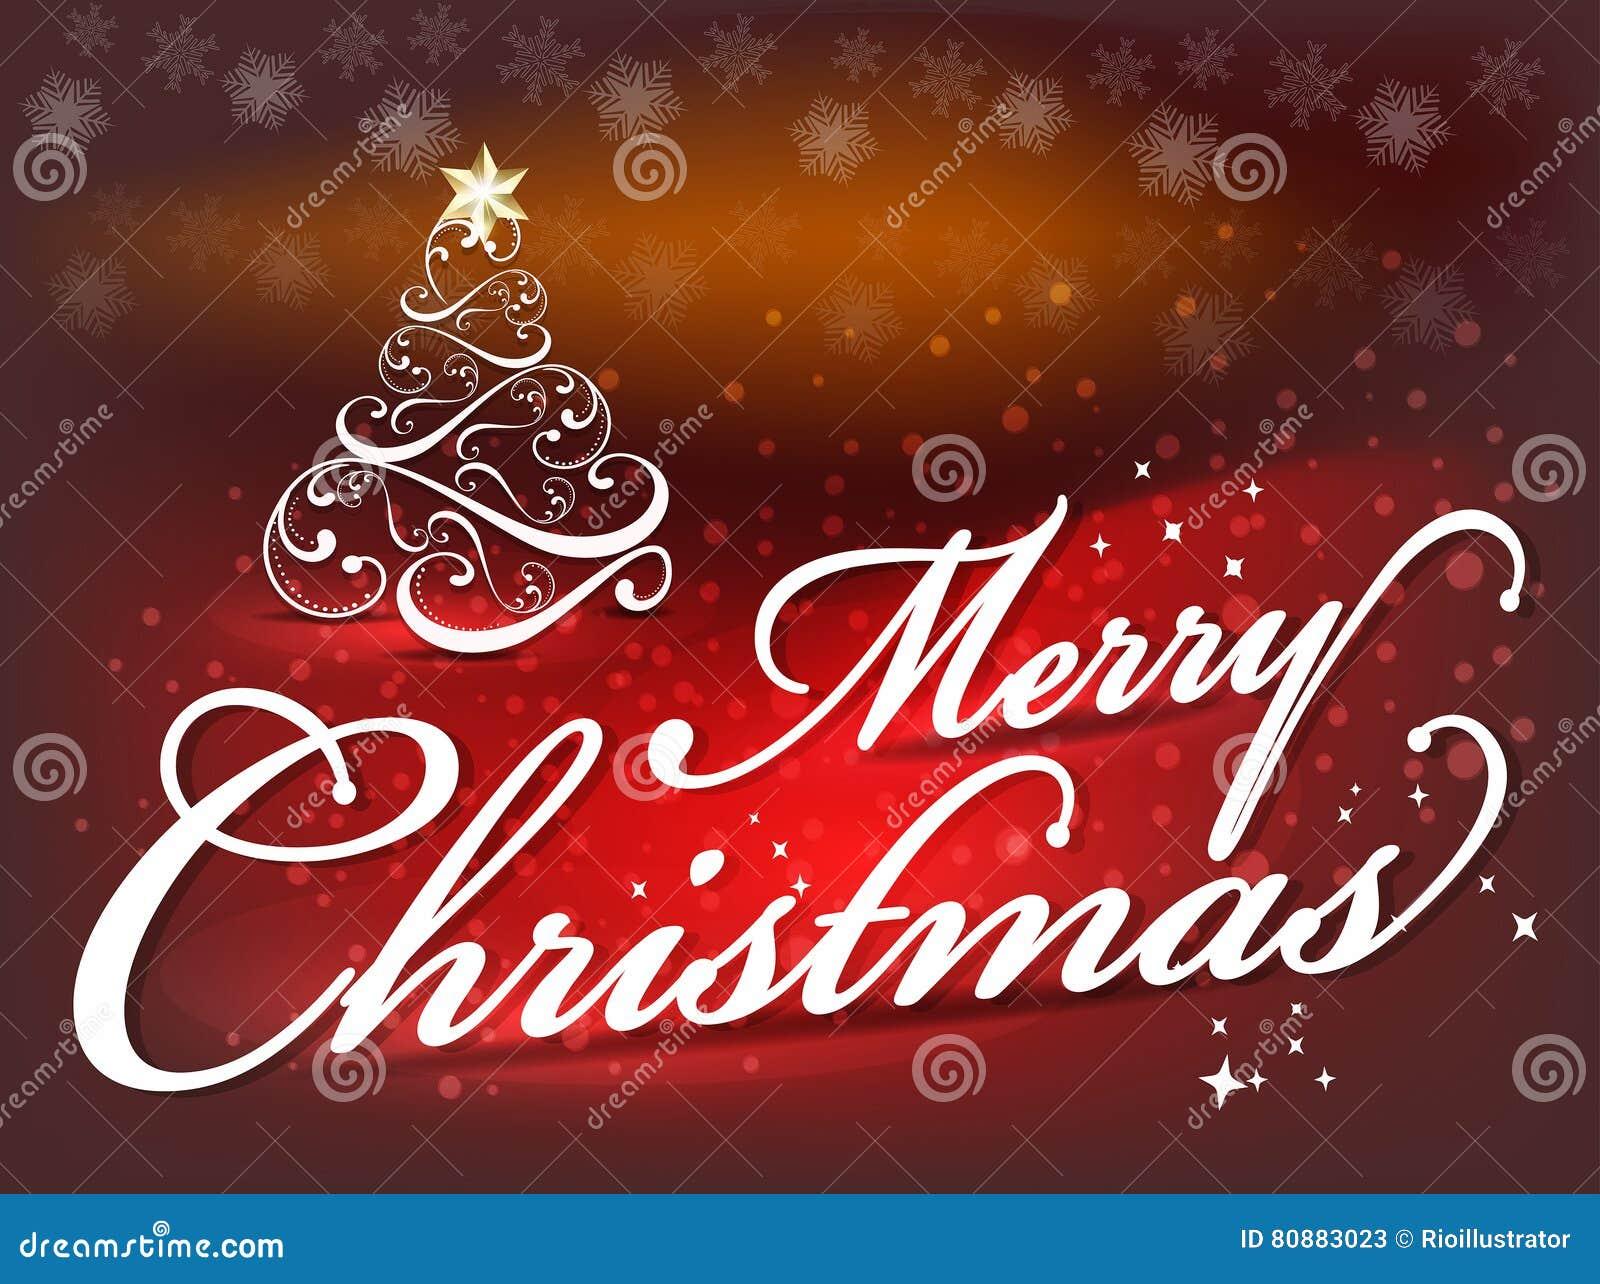 Buon Natale Del C Testo.Fondo Del Testo Del Fondo Di Buon Natale Con L Albero Illustrazione